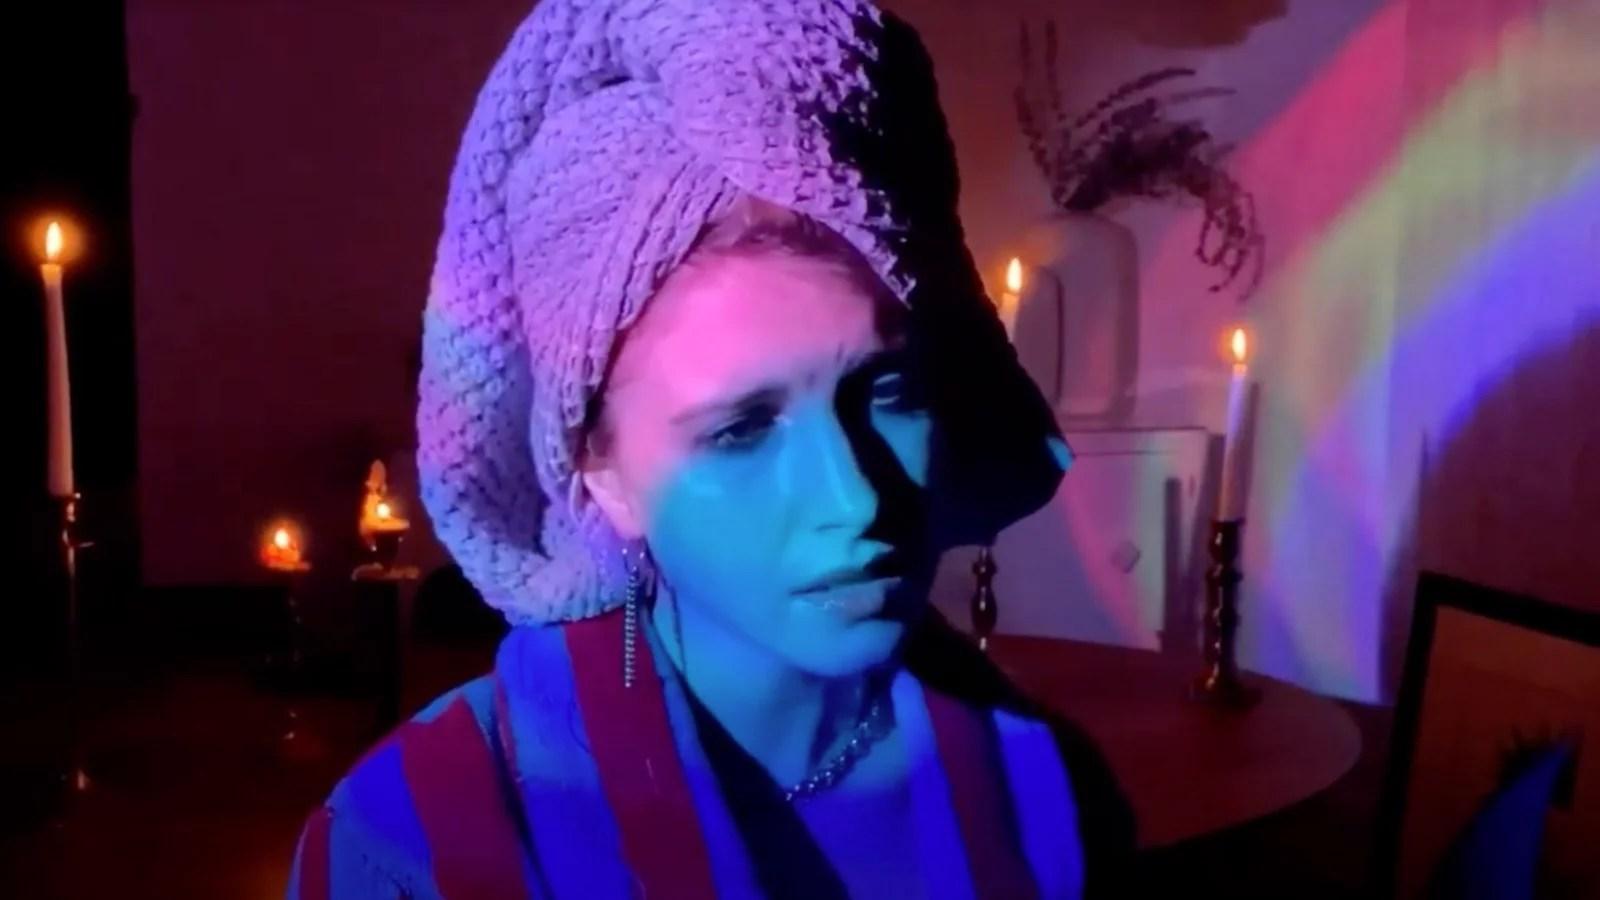 9 lanzamientos recientes que debes escuchar: Hayley Williams + St. Vincent + Caroline Polachek y más